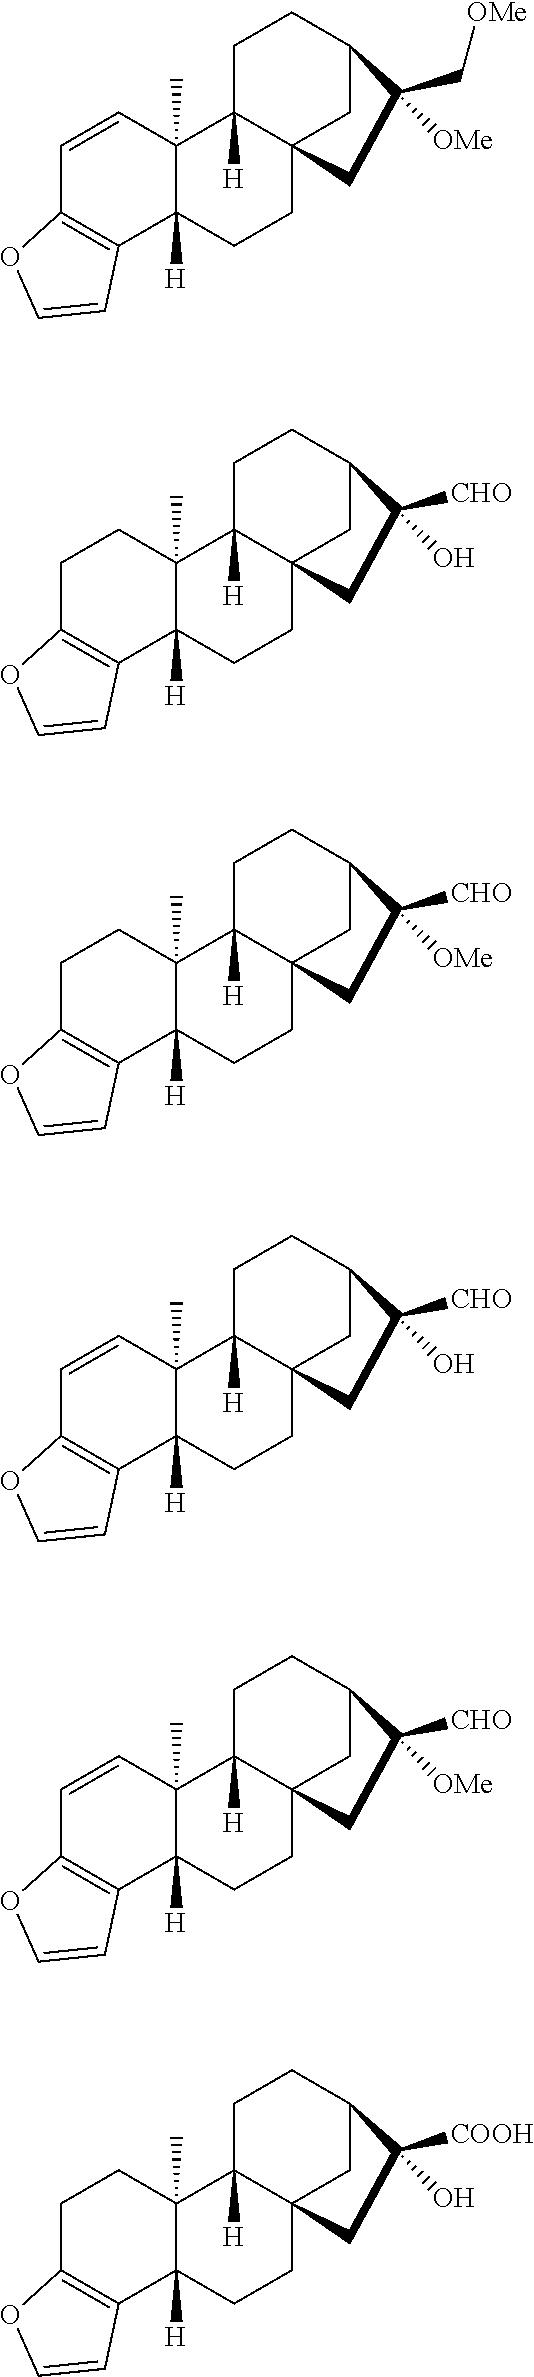 Figure US09962344-20180508-C00156